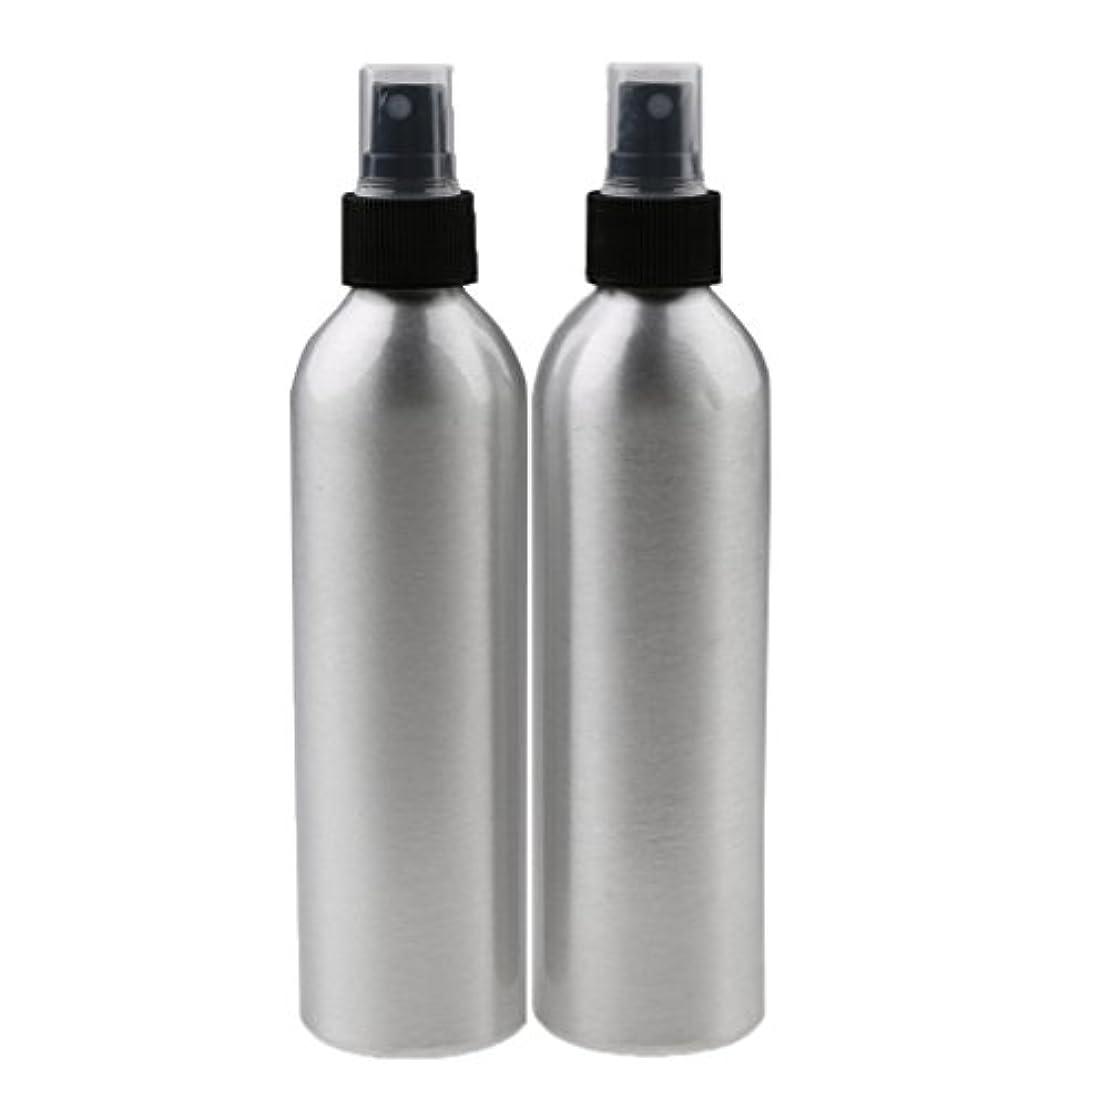 ラグ小麦アダルトLovoski 2個入り 旅行 アルミ ミスト スプレー 香水ボトル メイクアップ スプレー アトマイザー 香水瓶 携帯用 軽量 便利  全4サイズ - 250ml